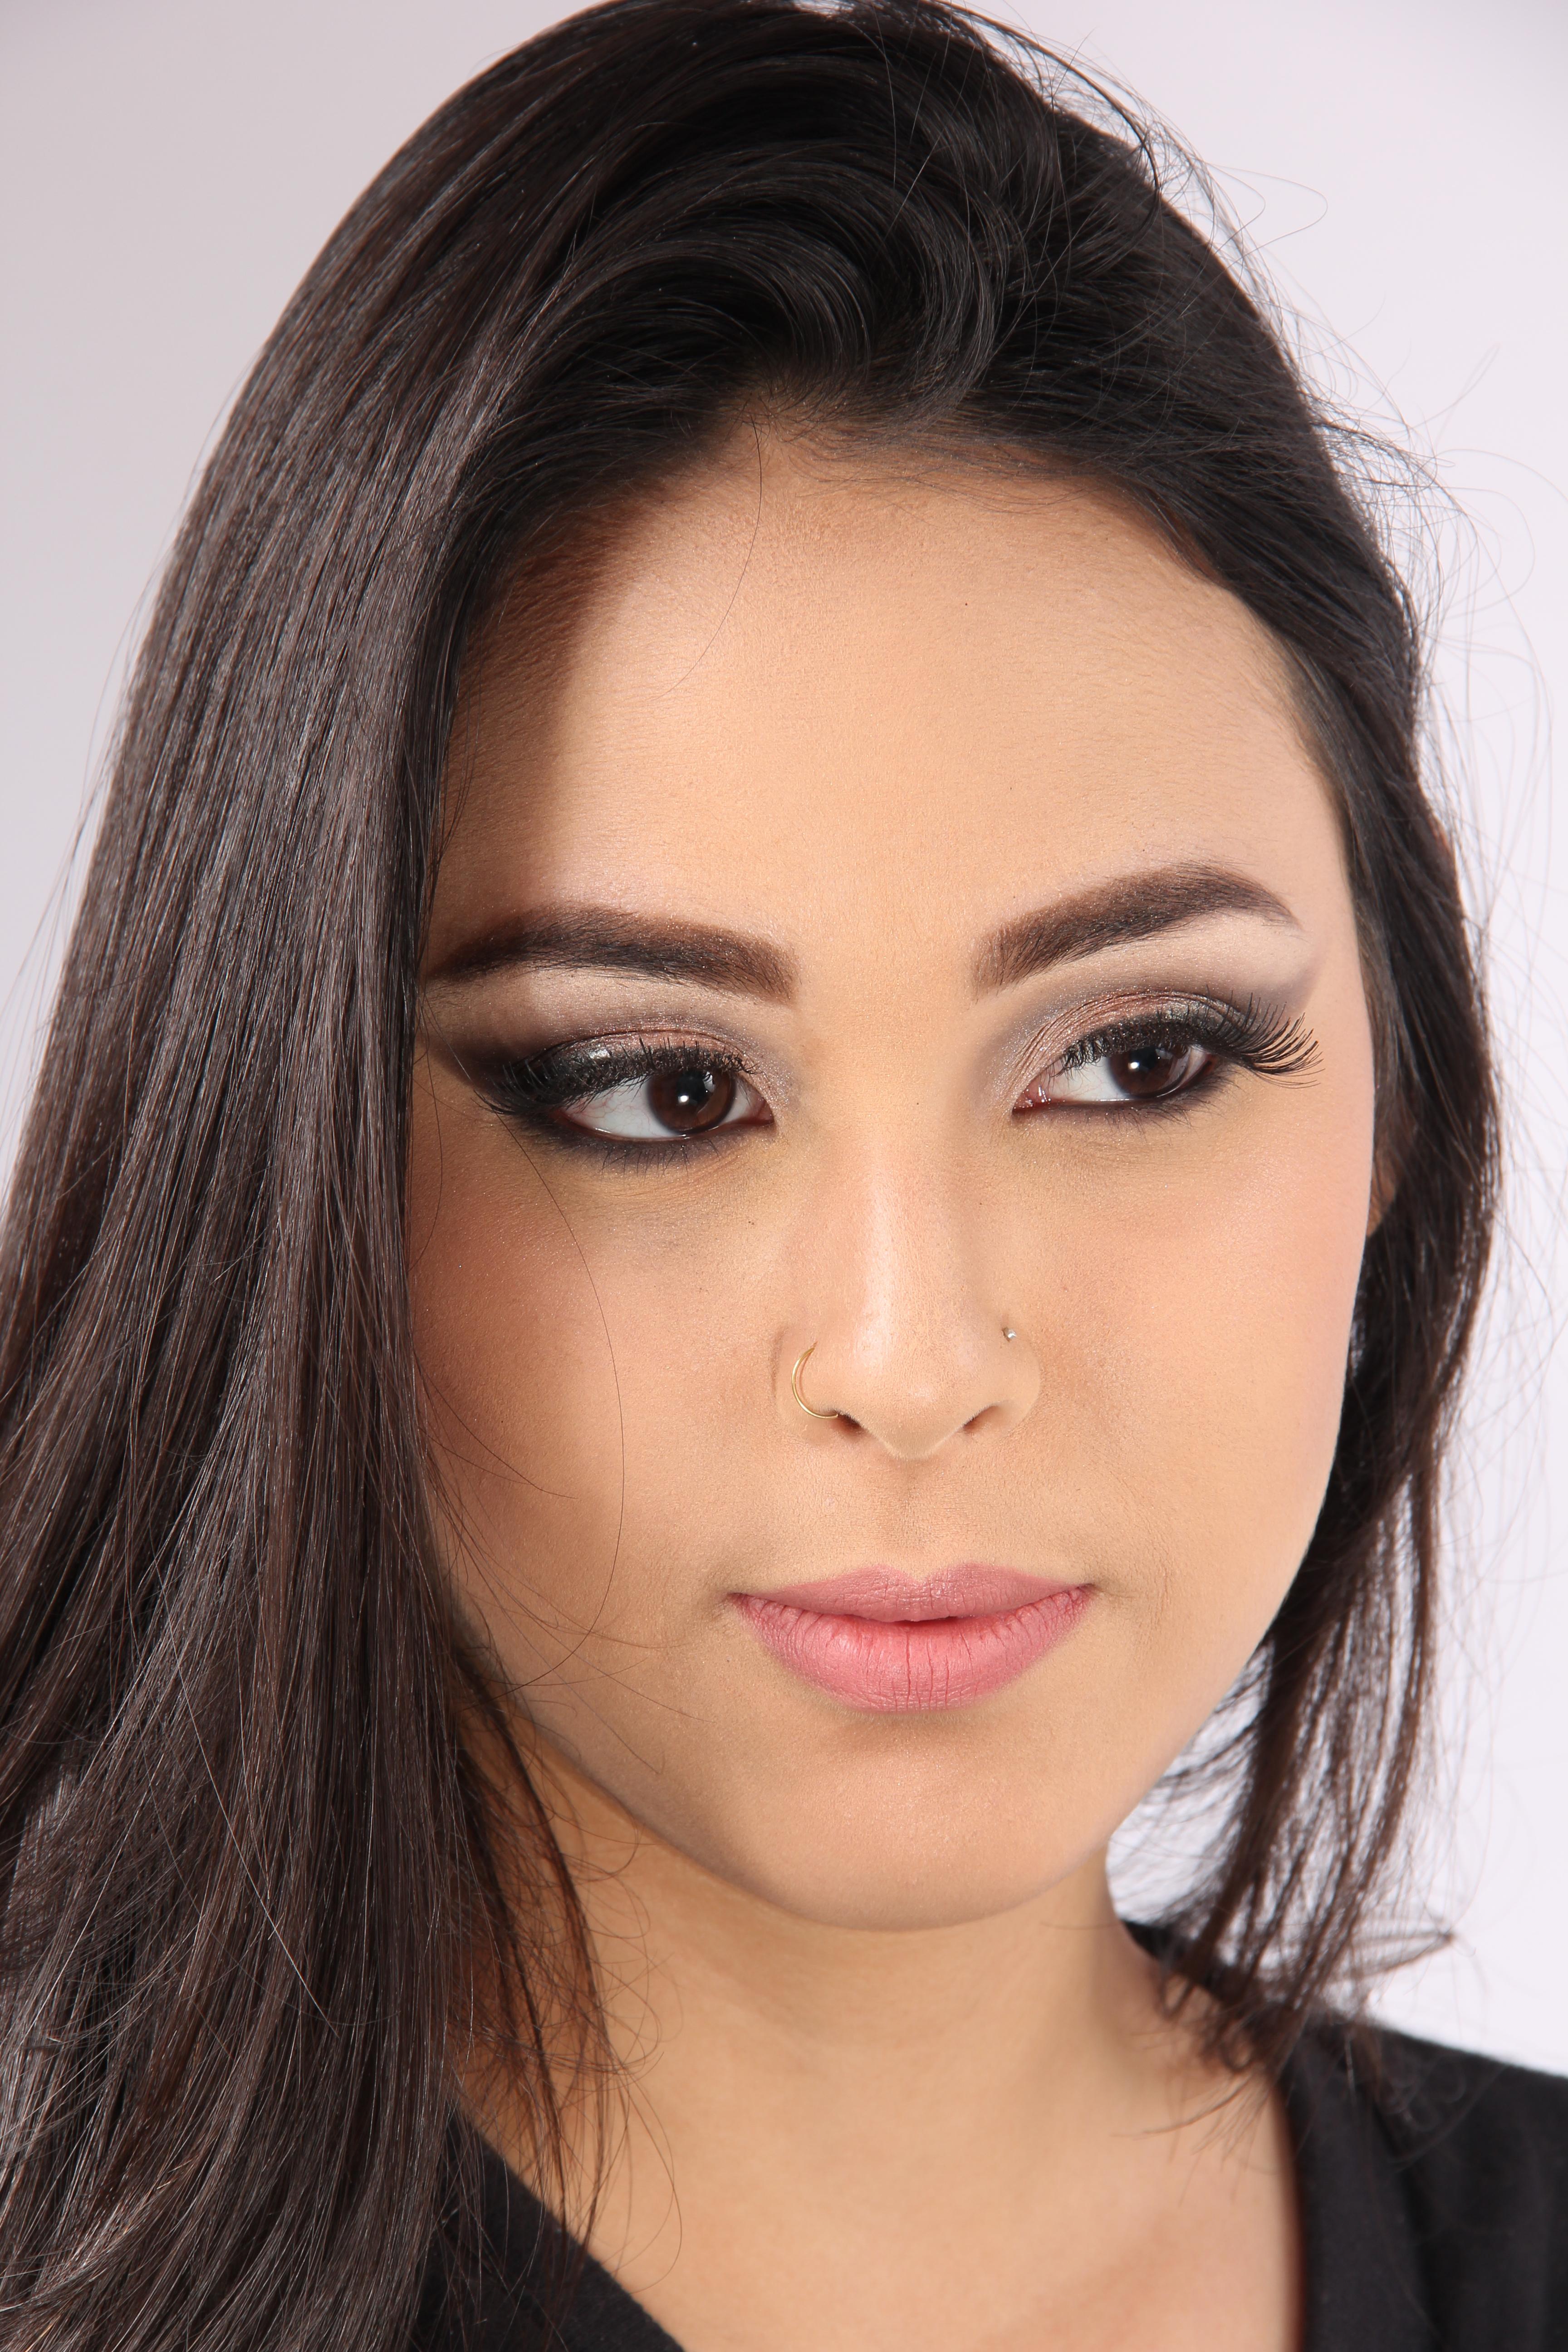 #Noiva #Casamento #formatura maquiagem maquiador(a)